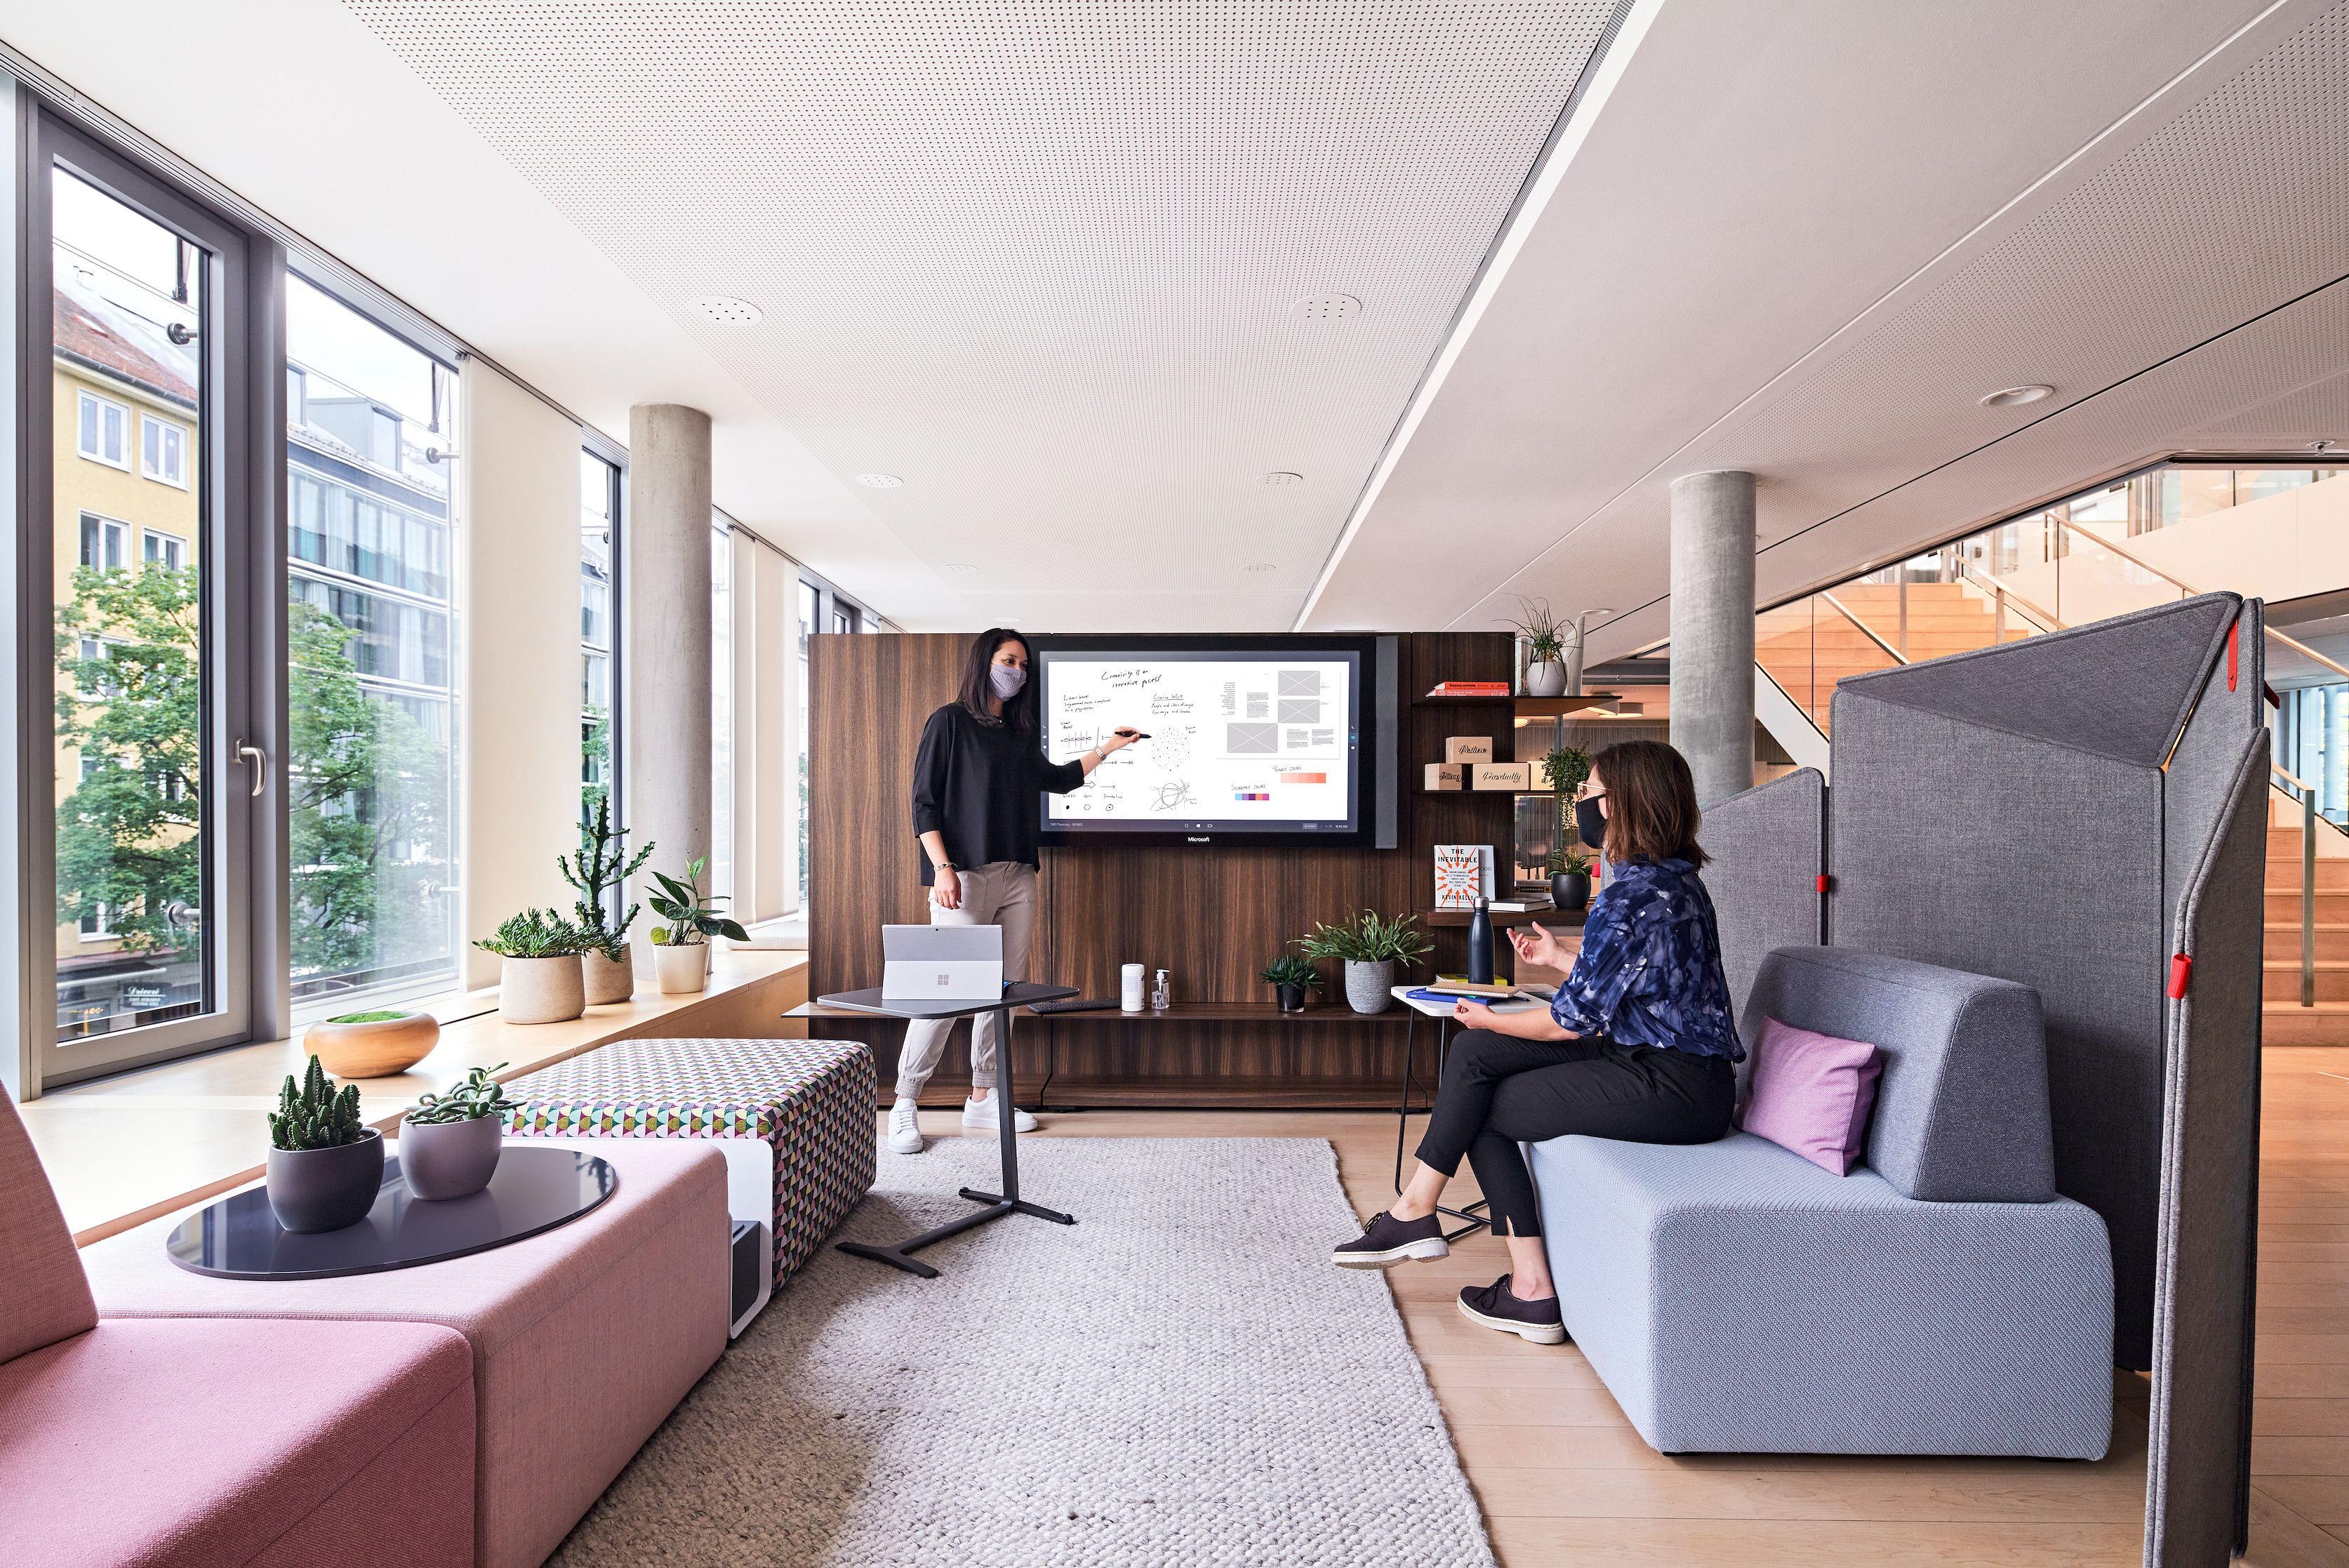 peti baja, ruang kolaborasi, ruang kantor